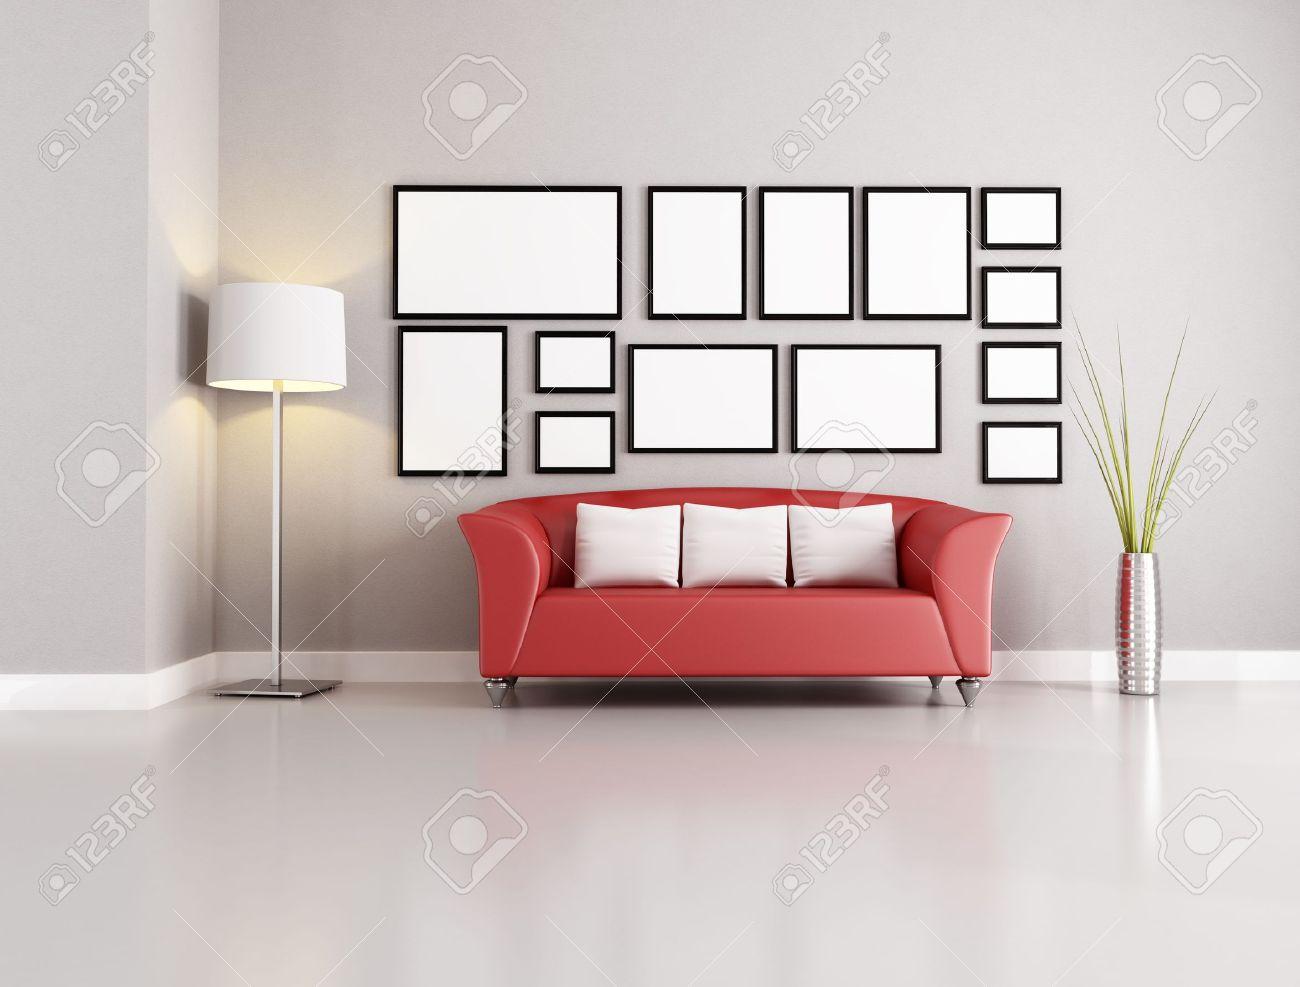 Canapé rouge dans salon moderne avec des cadres vides